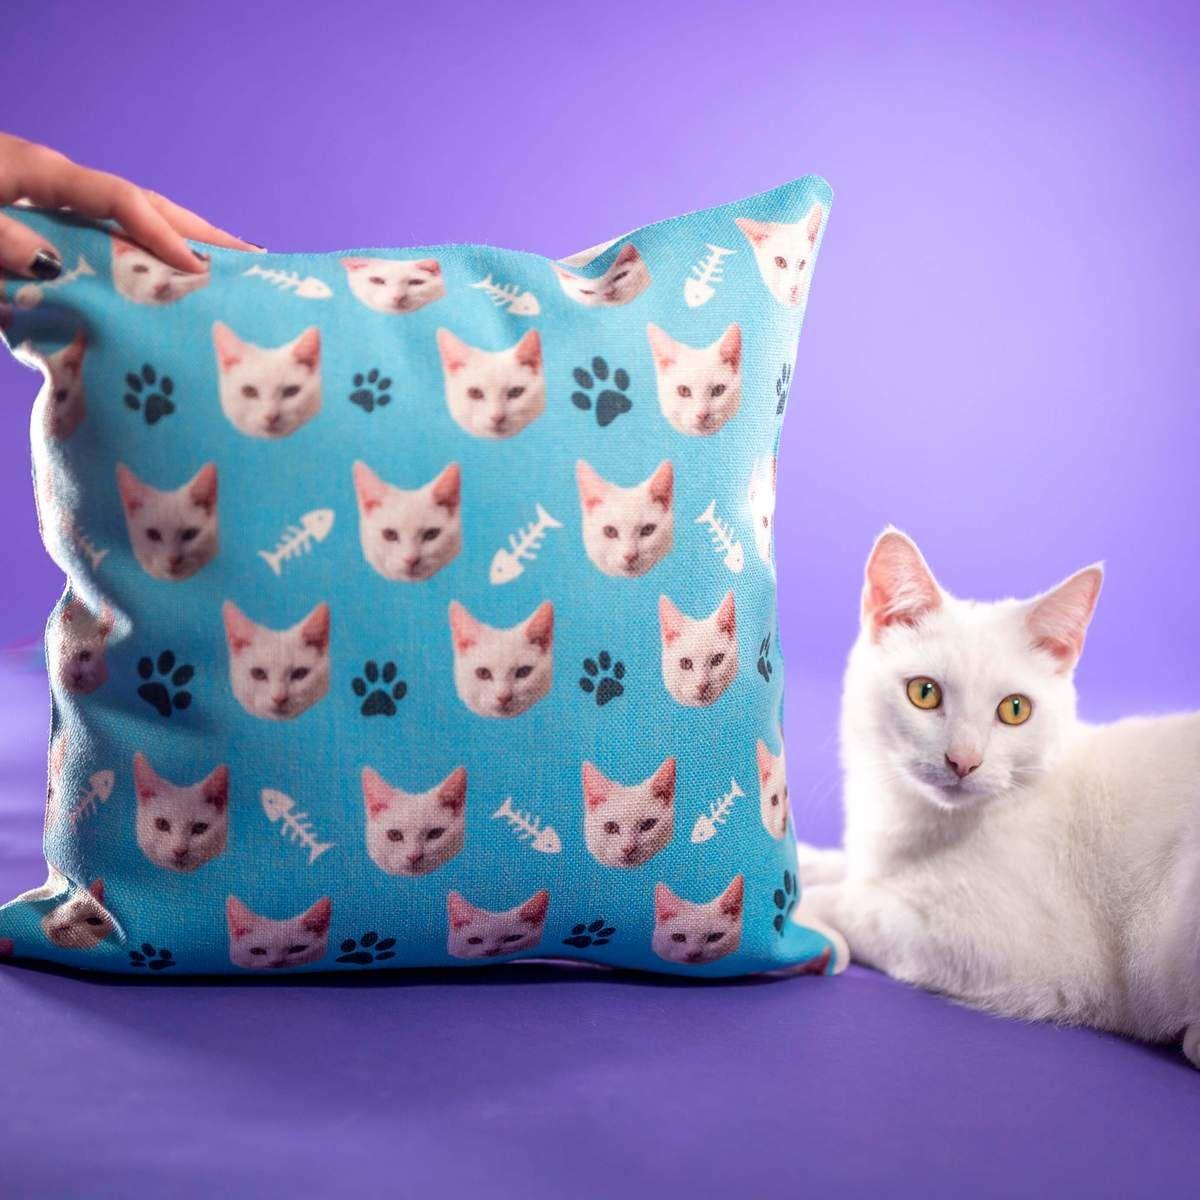 Customized Cat Pillow Cover Cat pillow cover, Cat pillow